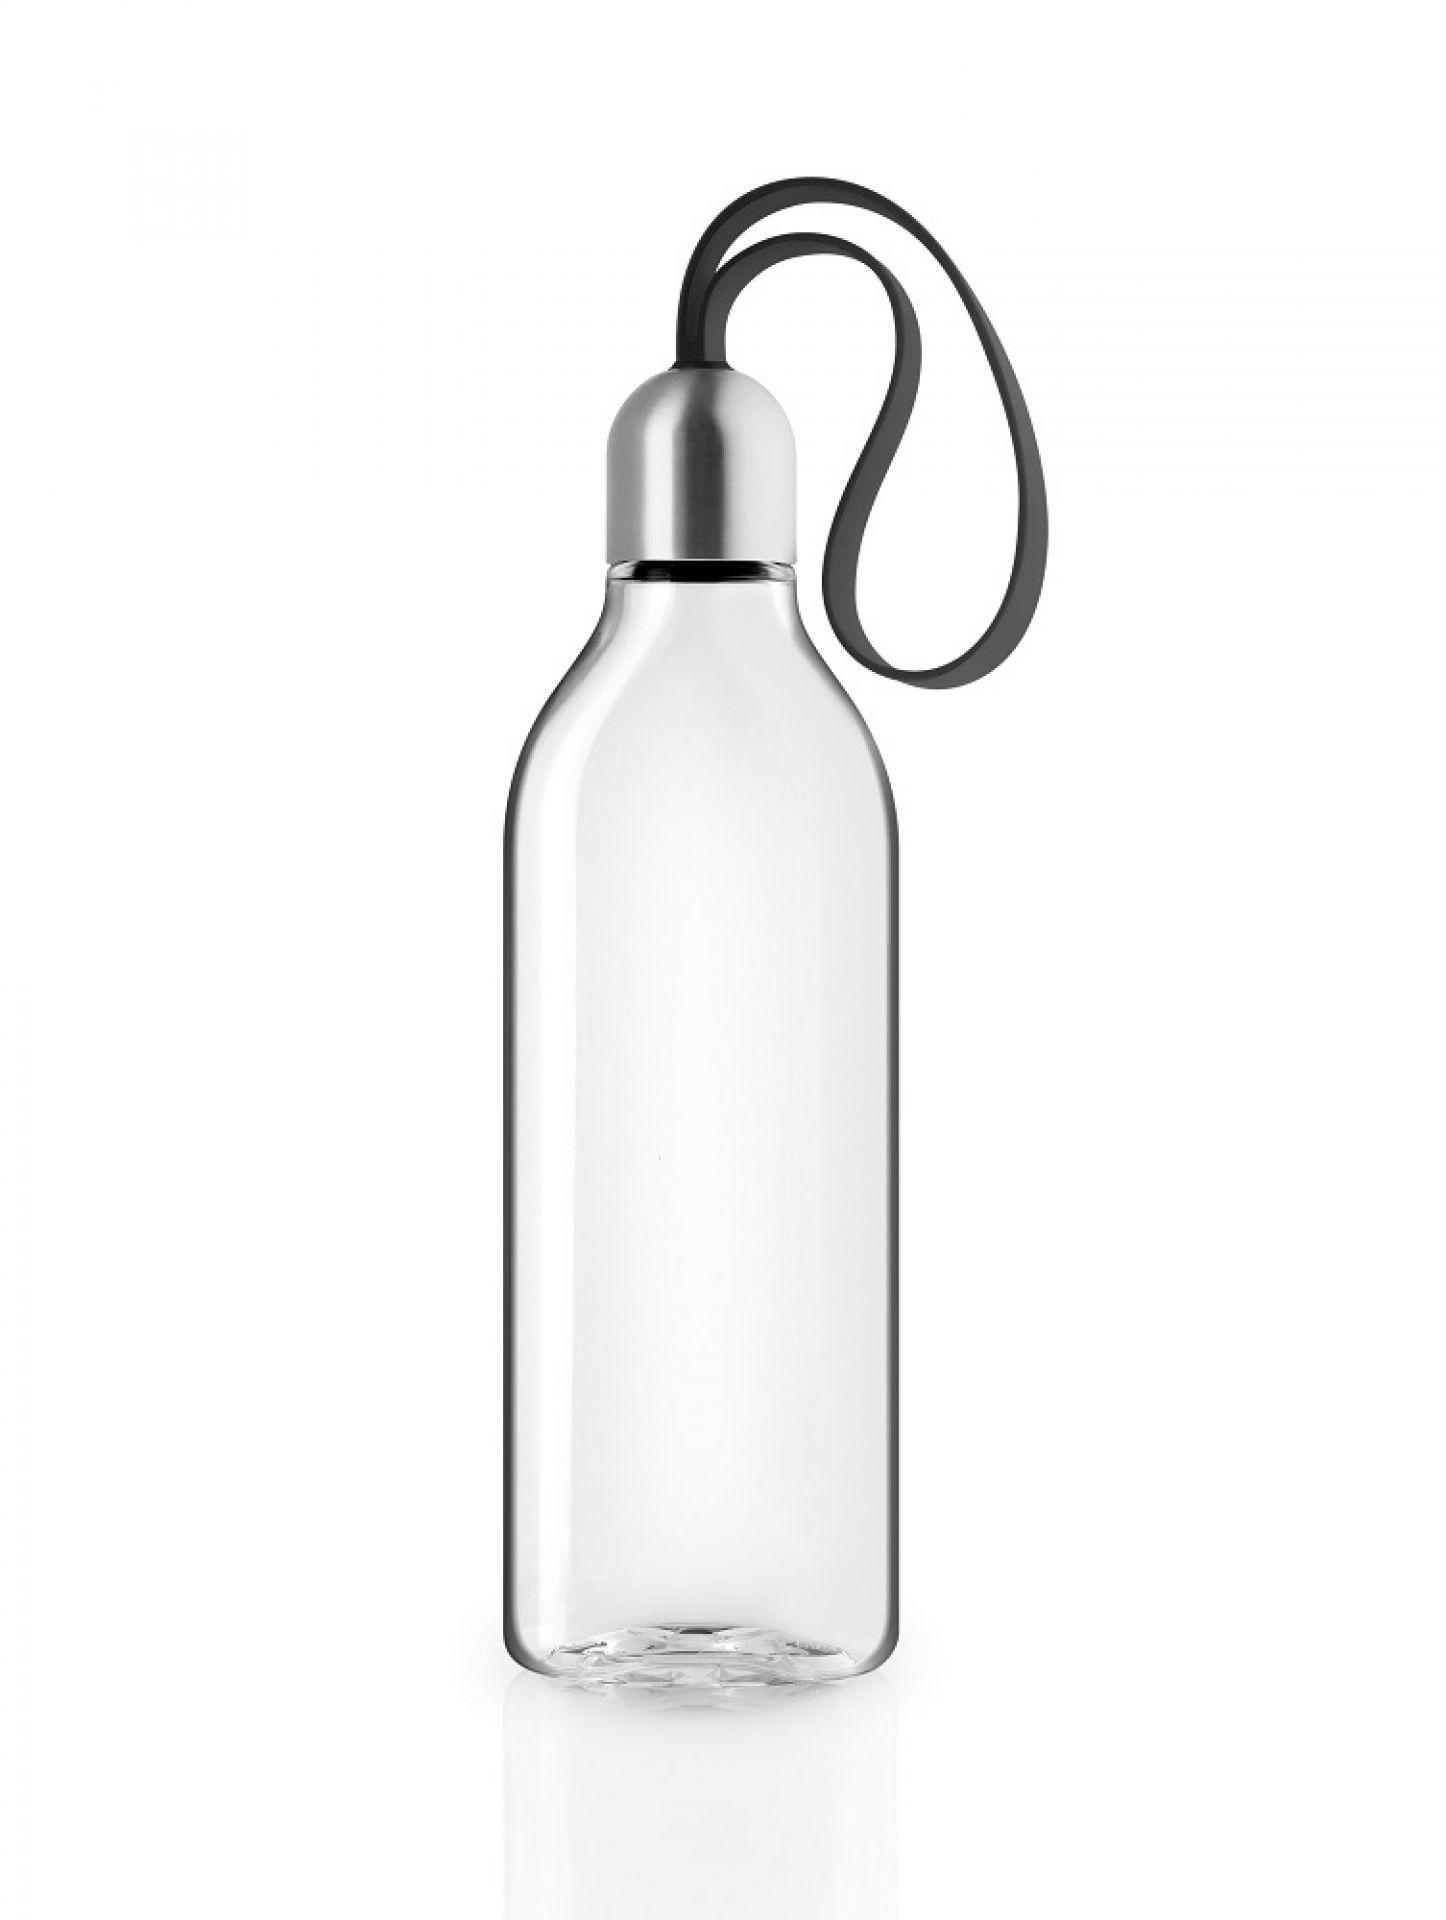 Backpack Drinking bottle Bouteille à boire 0,5 l Noir Eva Solo